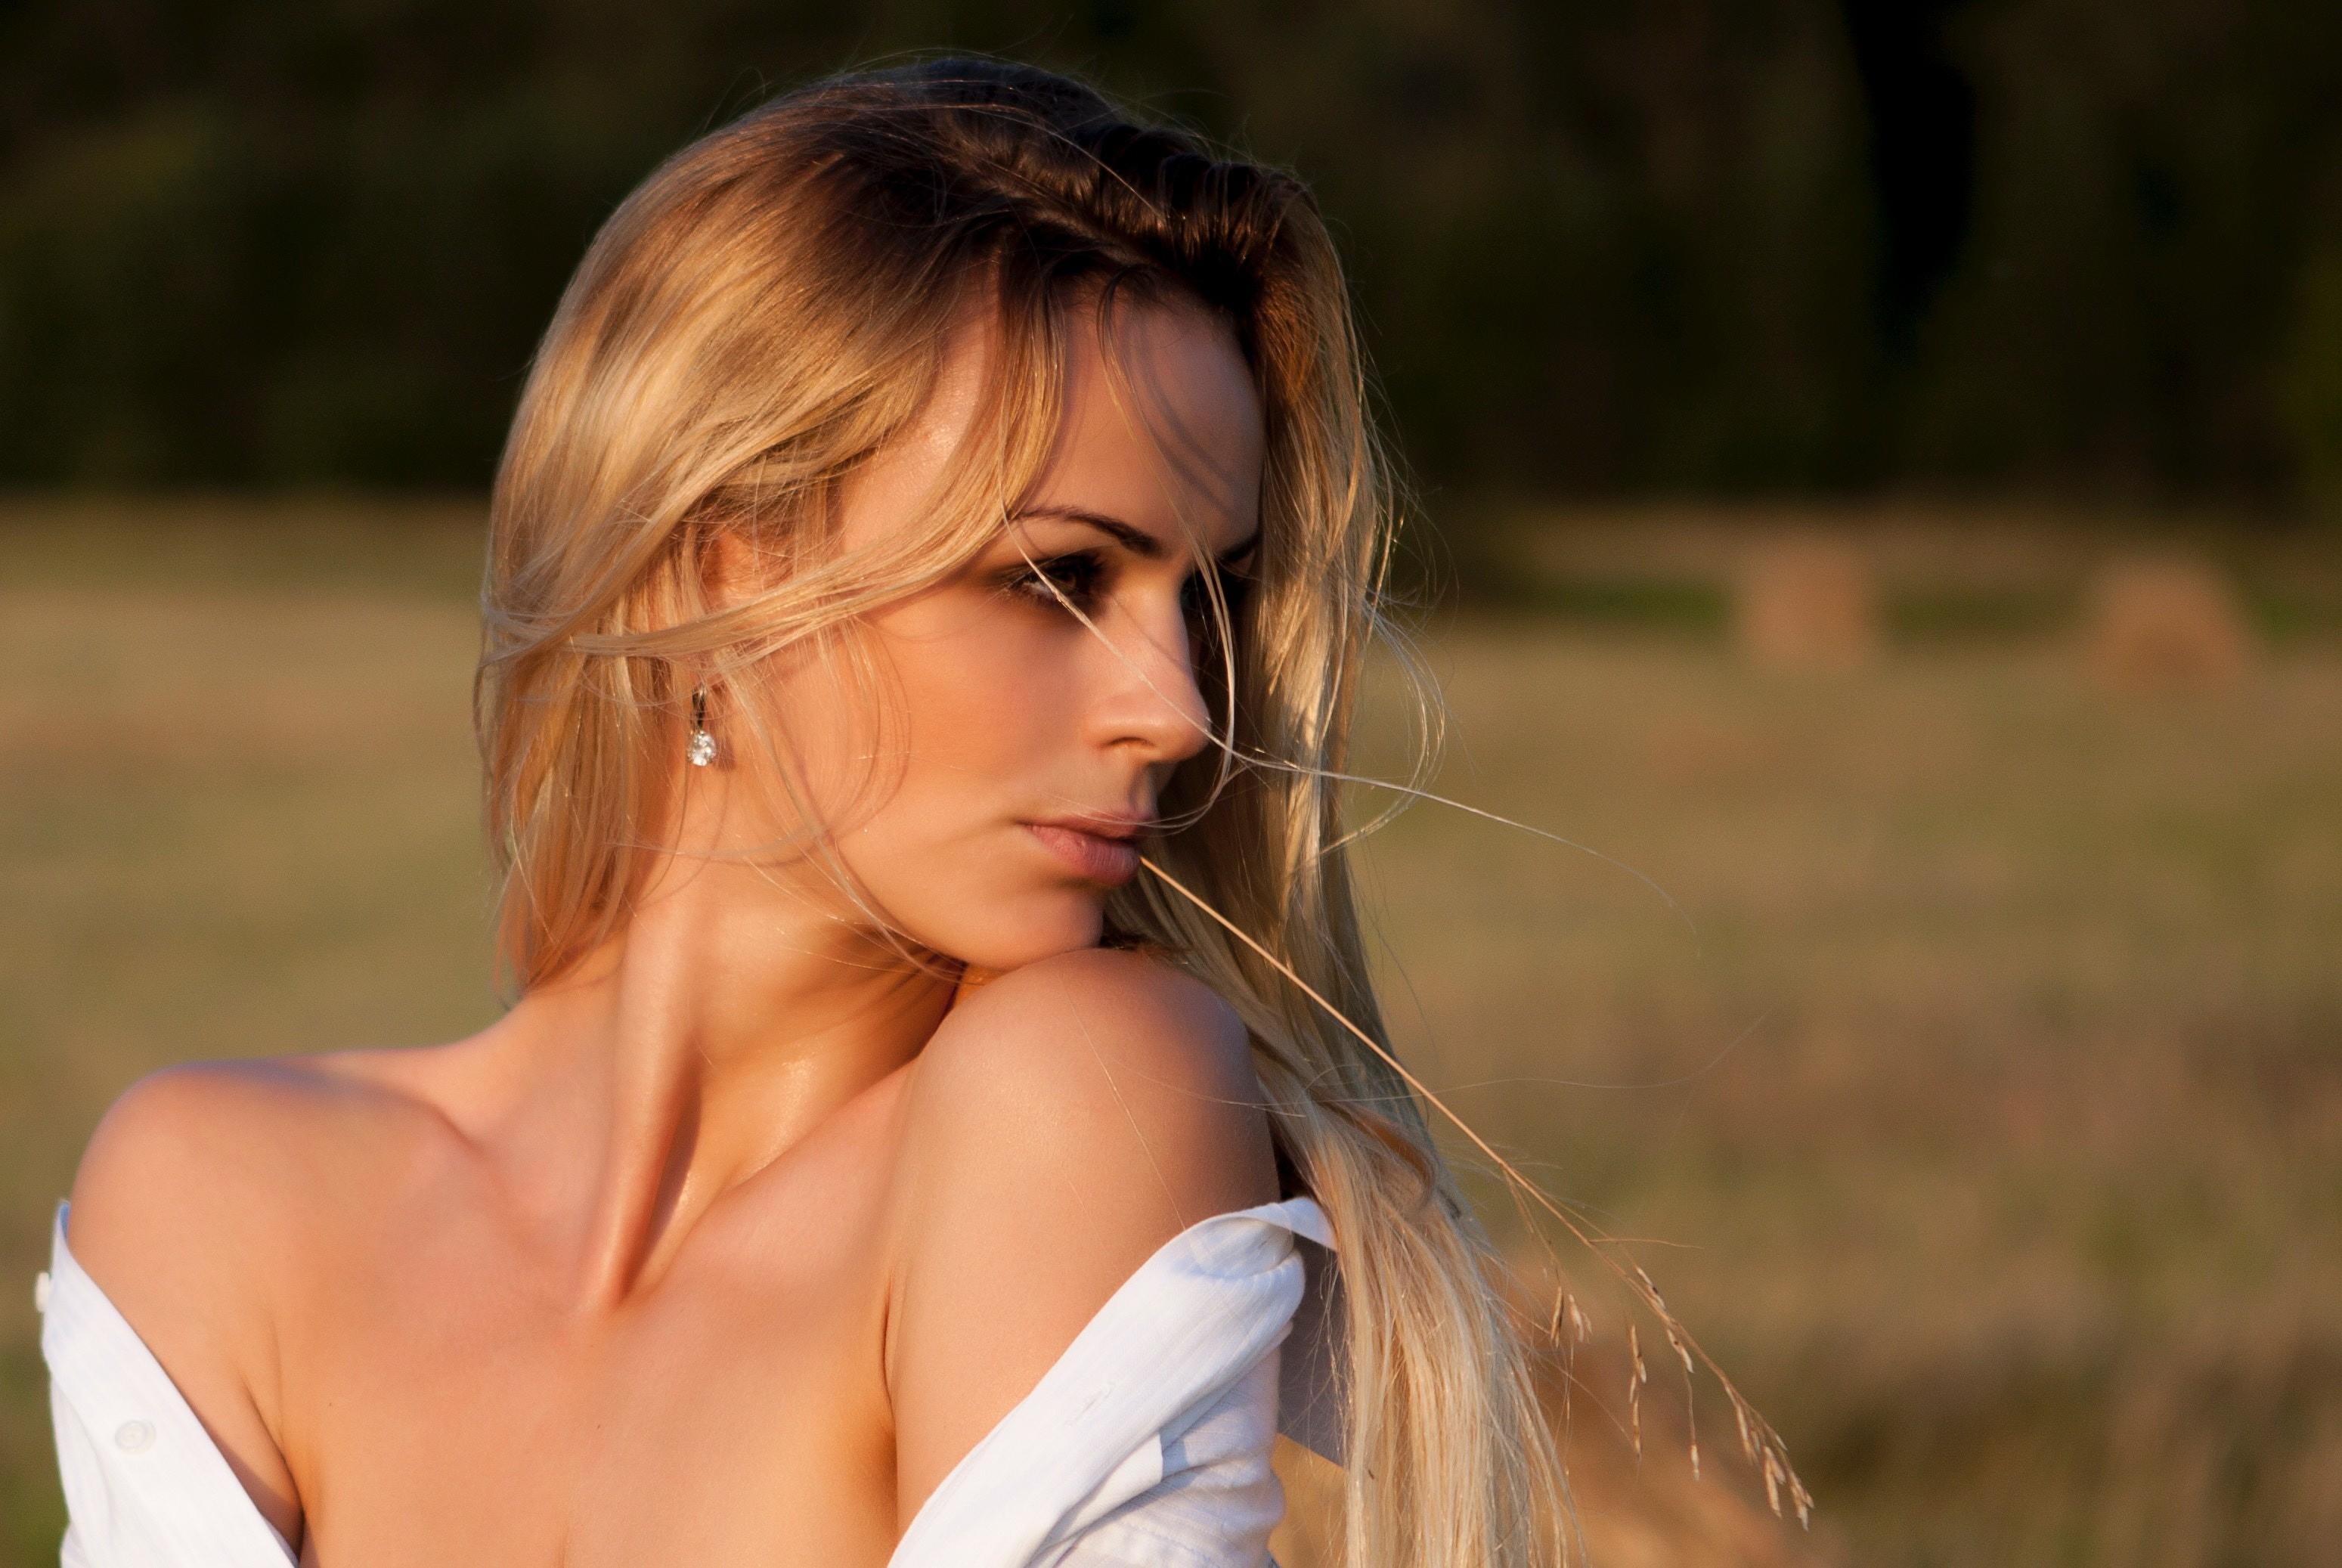 Рейтинг жен и любовниц по знаку Зодиака: что будущий муж узнает из твоего гороскопа?